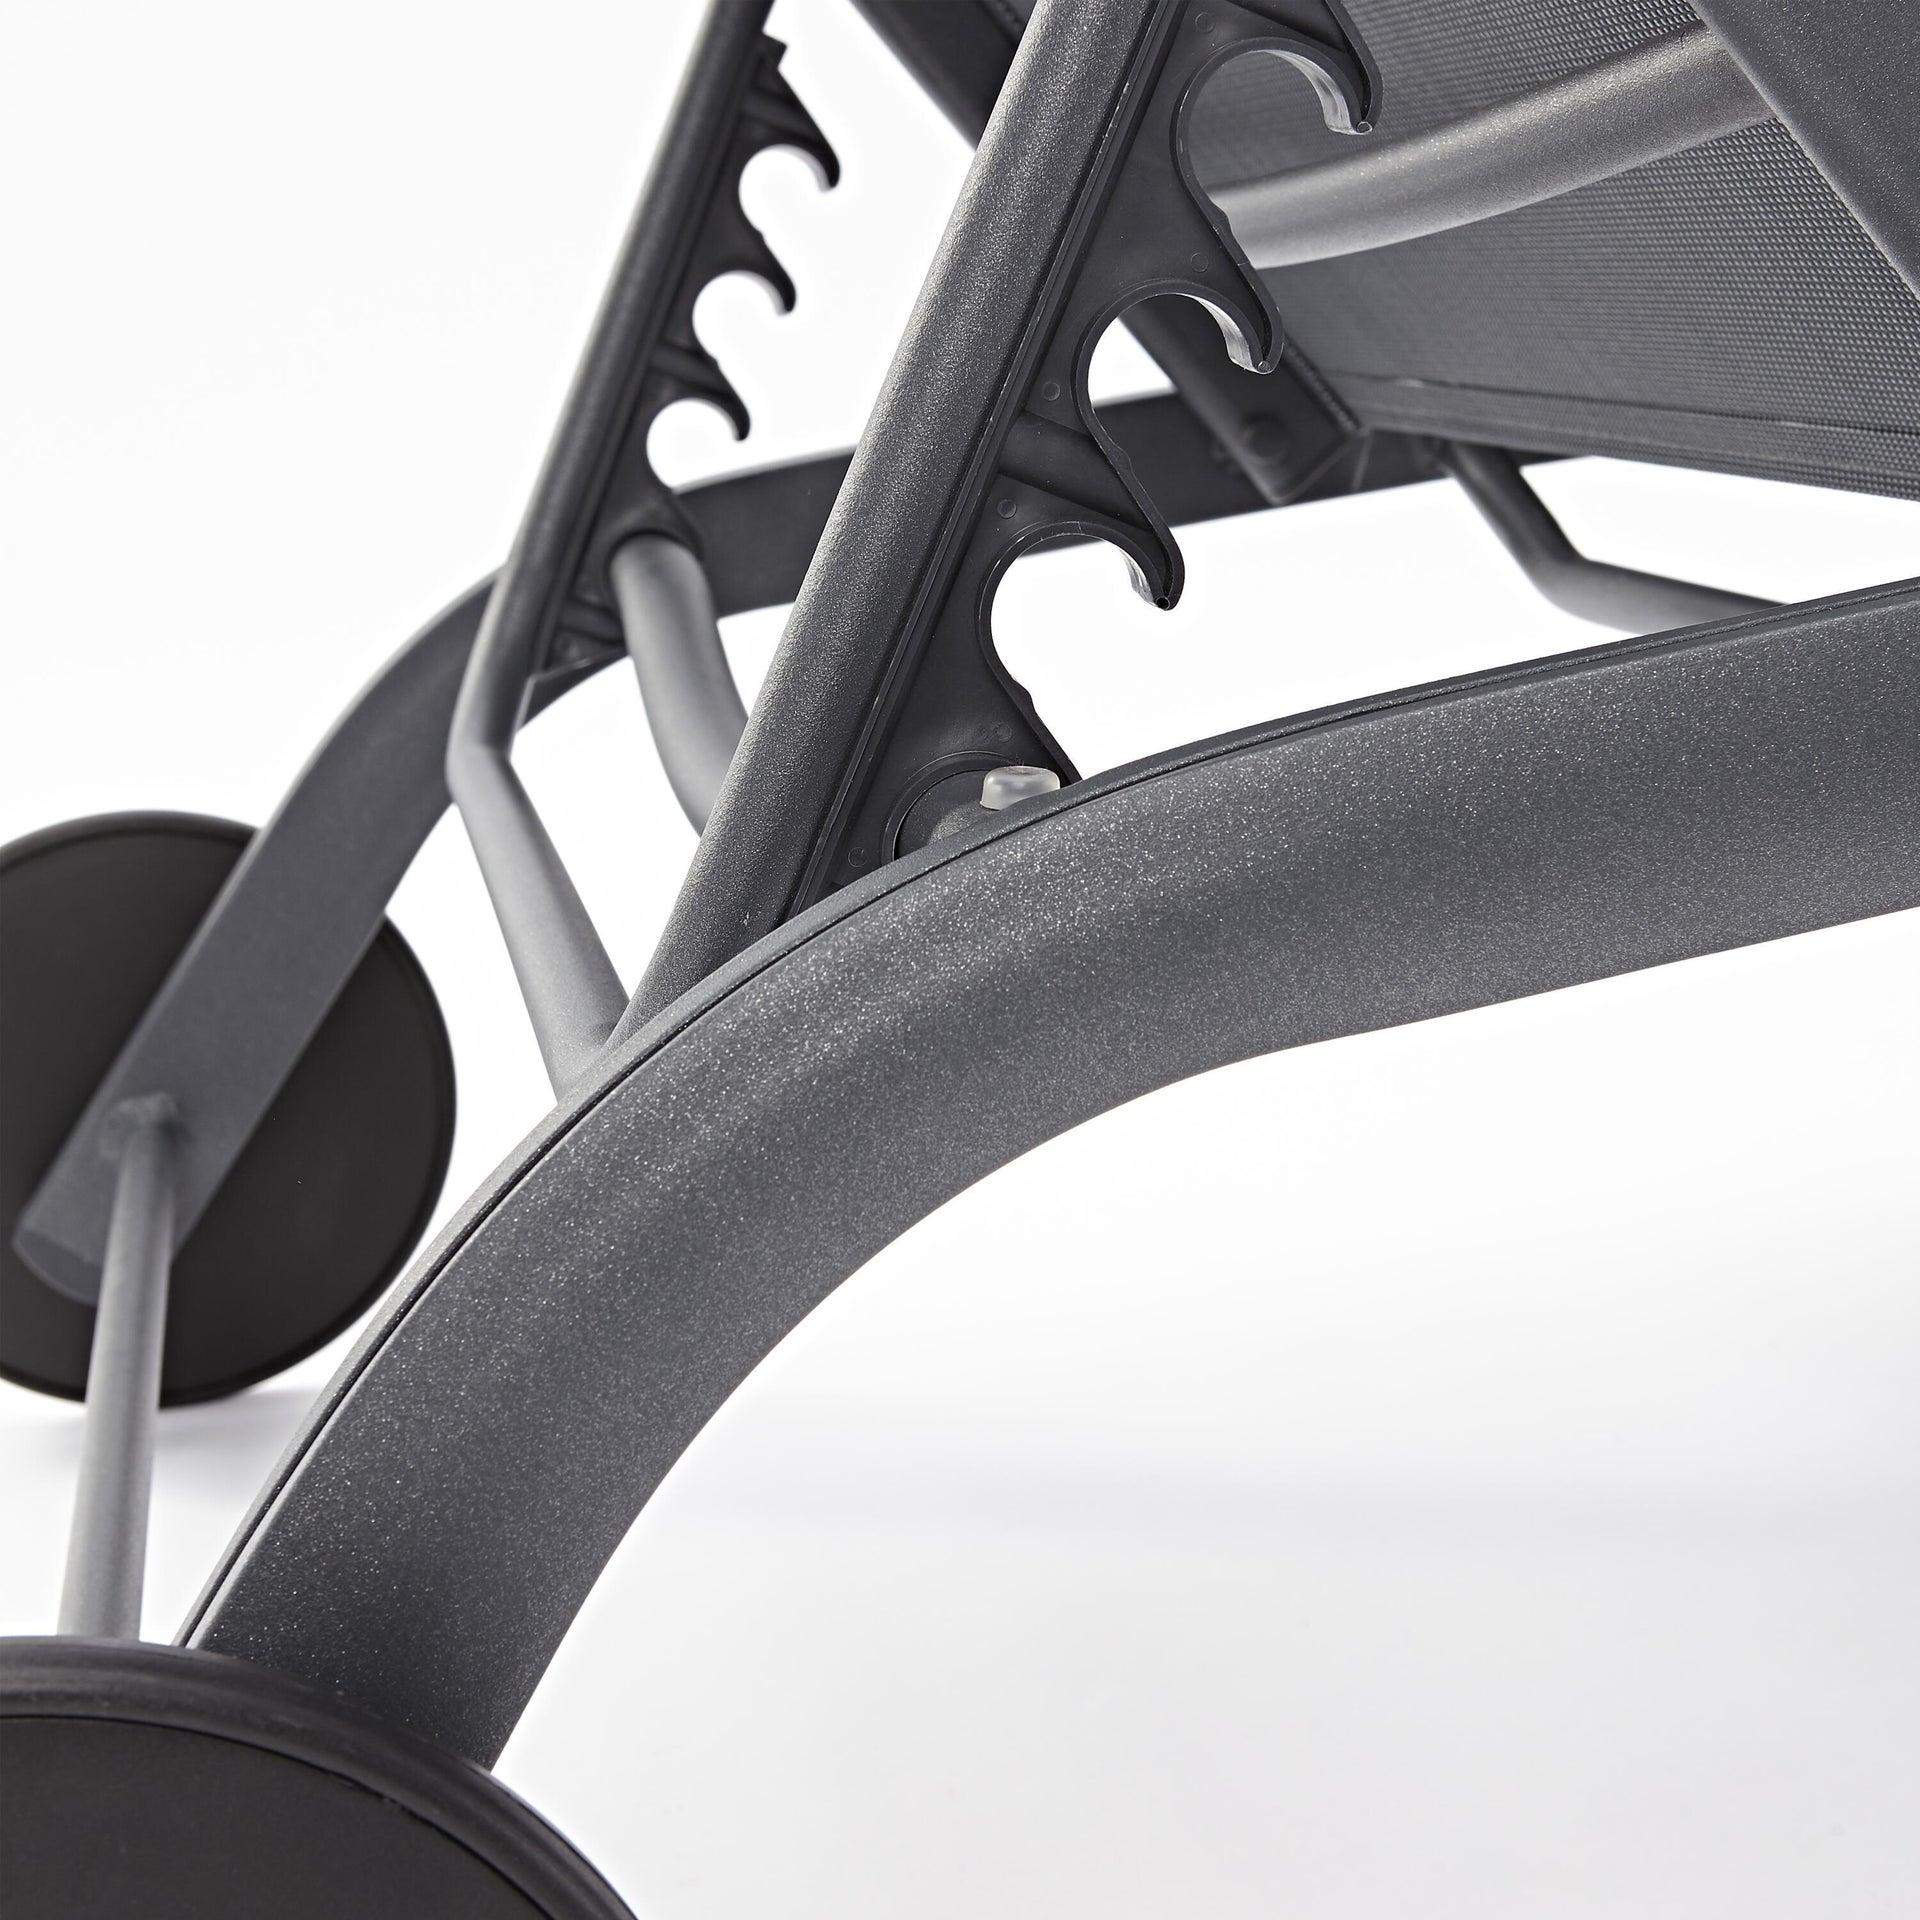 Lettino senza cuscino impilabile NATERIAL Lyra in alluminio grigio scuro - 19